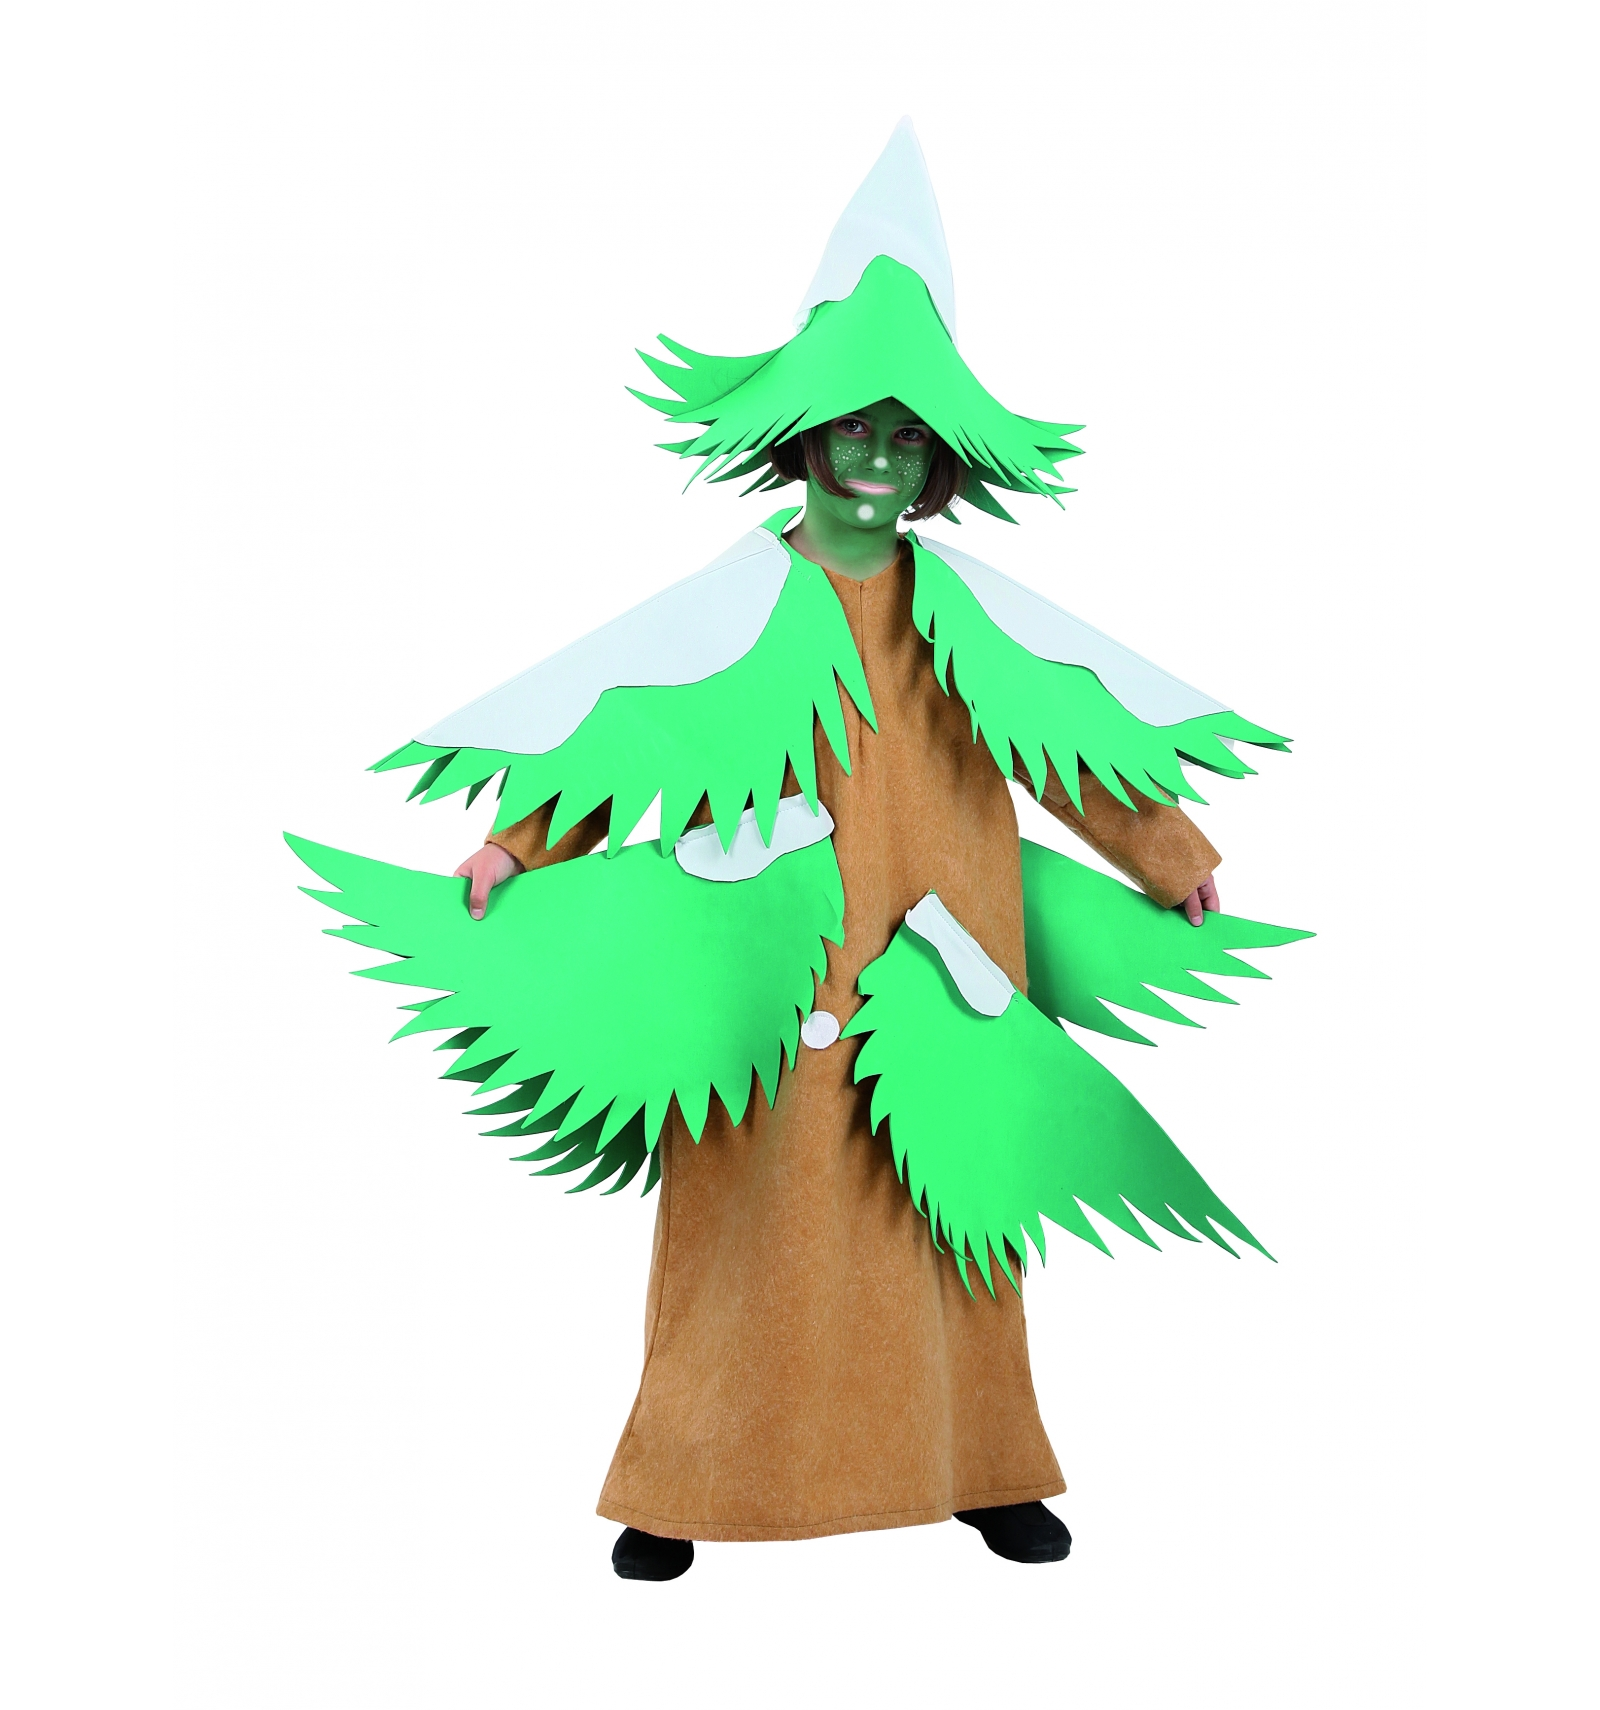 Disfraz arbol de navidad infantil tienda de disfraces online for Arbol navidad infantil